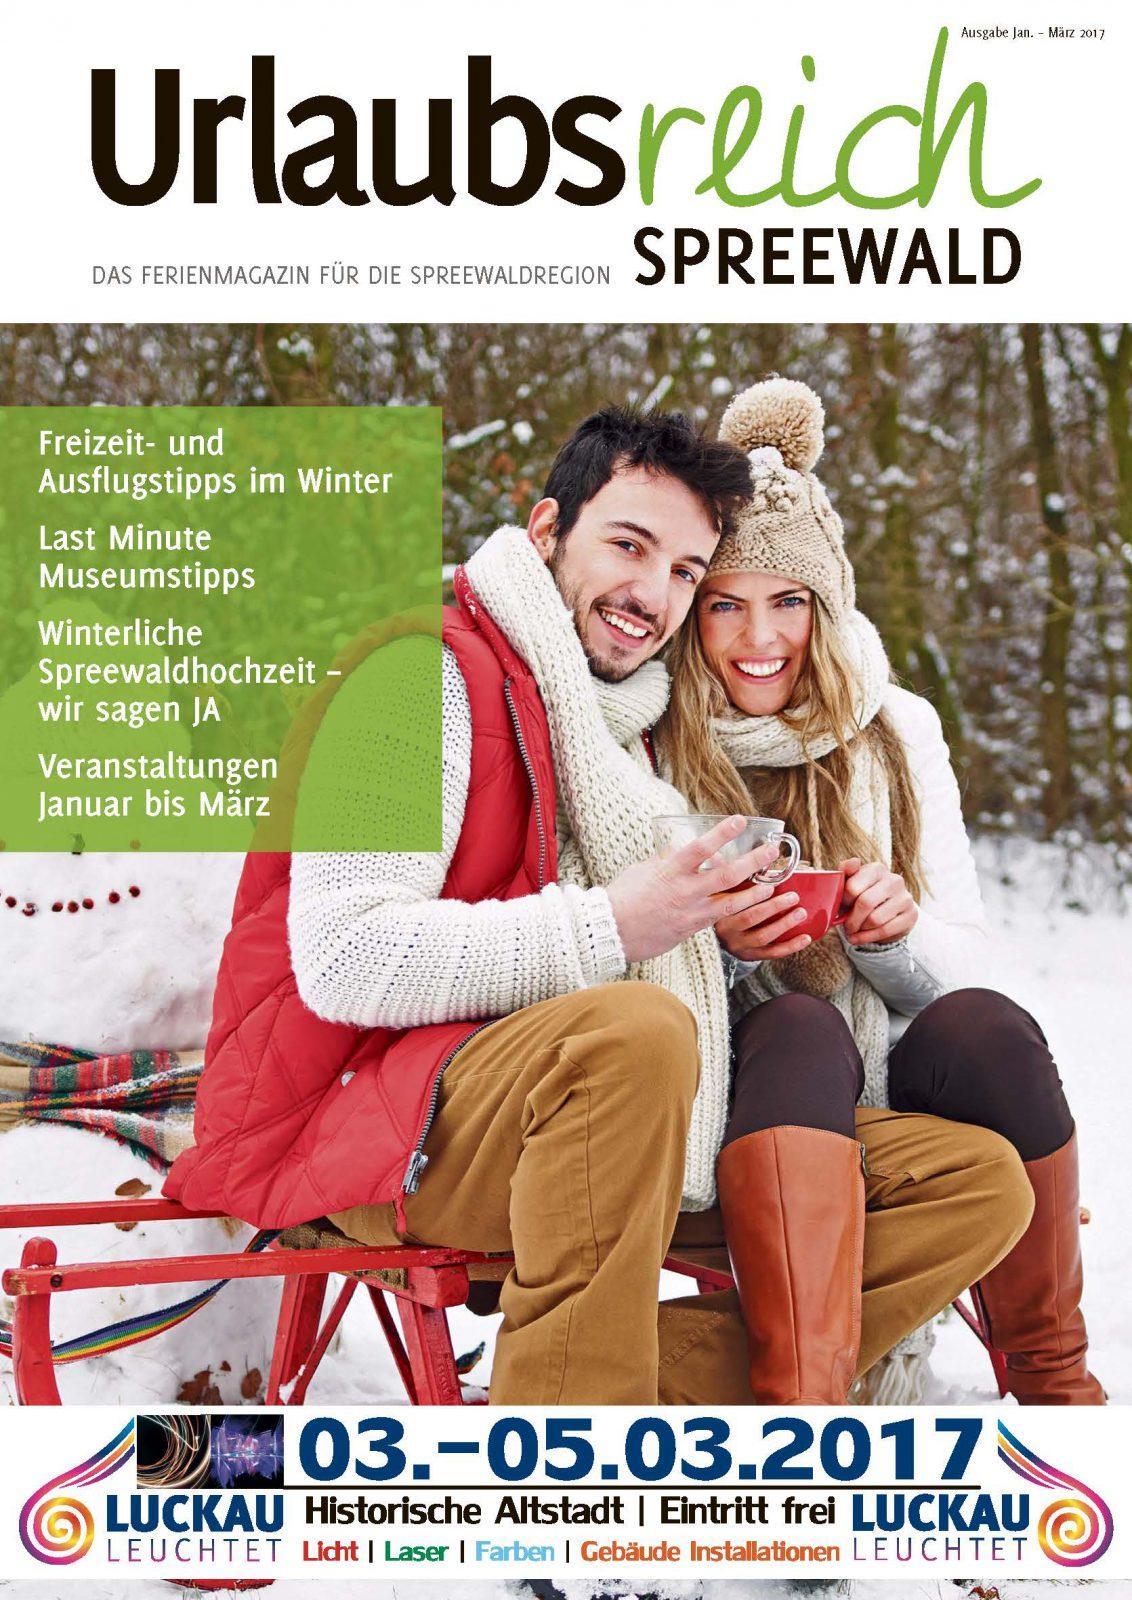 Urlaubsreich Spreewald | Januar bis März 2017